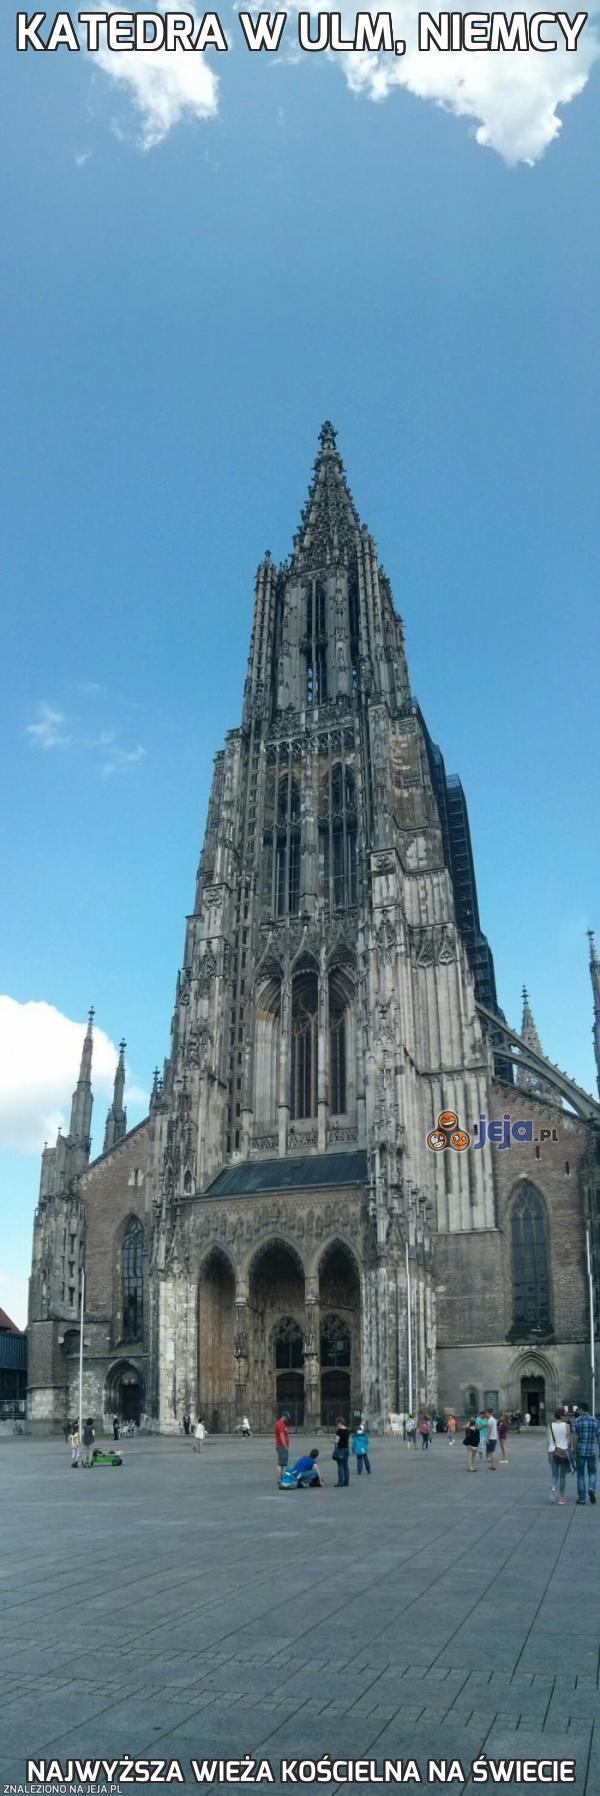 Katedra w Ulm, Niemcy